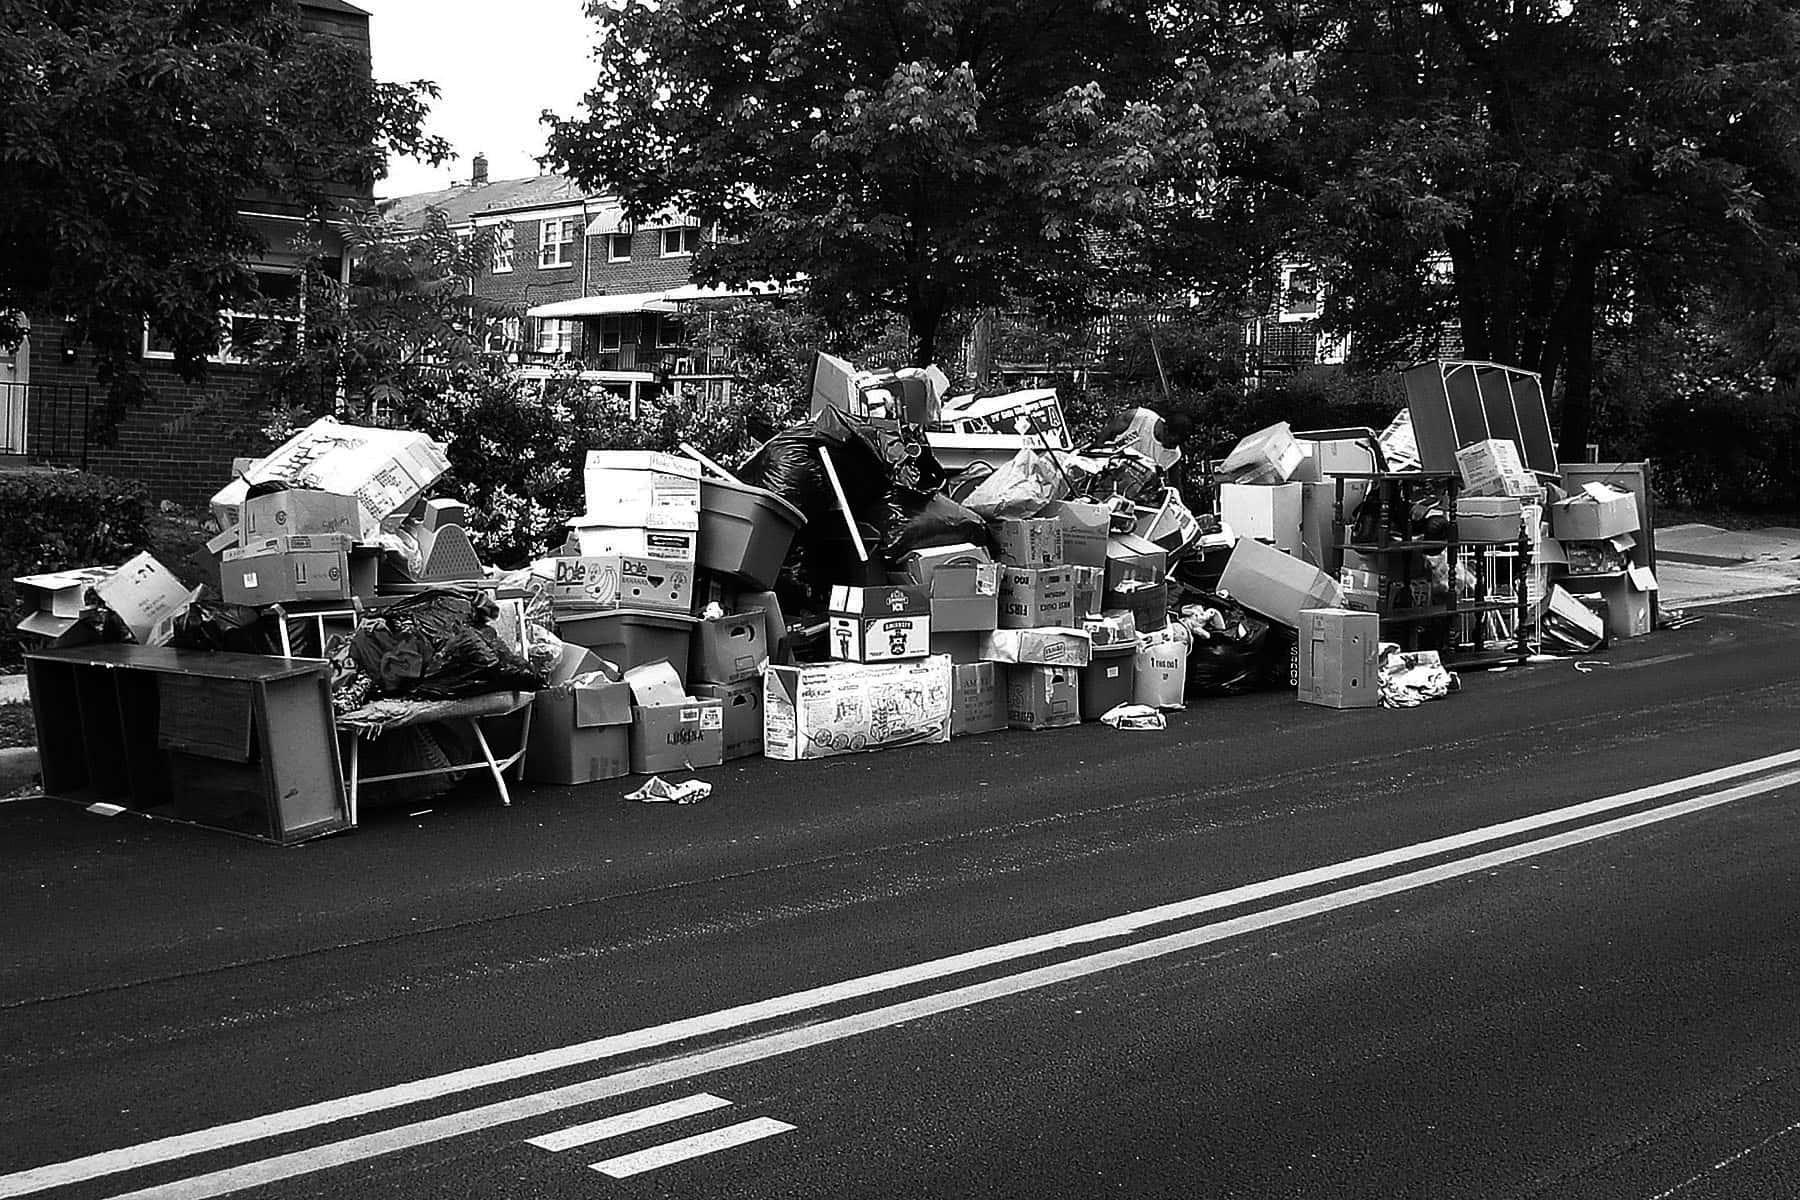 051619_evictedexhibit_11